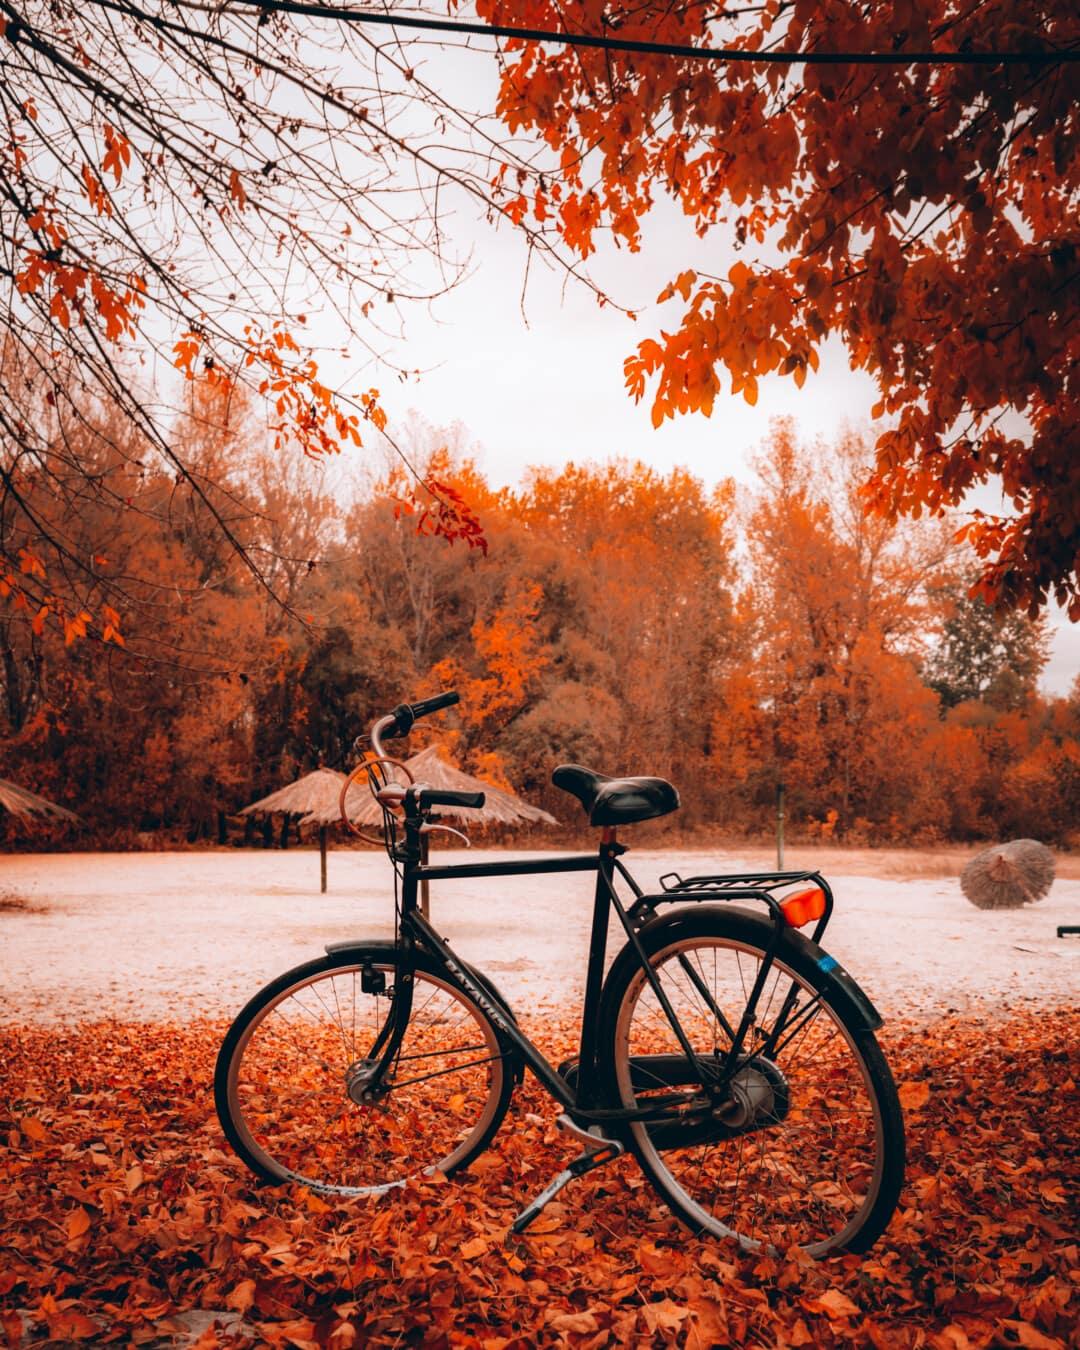 Fahrrad, Strand, Herbstsaison, Rad, Straße, Struktur, Holz, Park, Blatt, Farbe